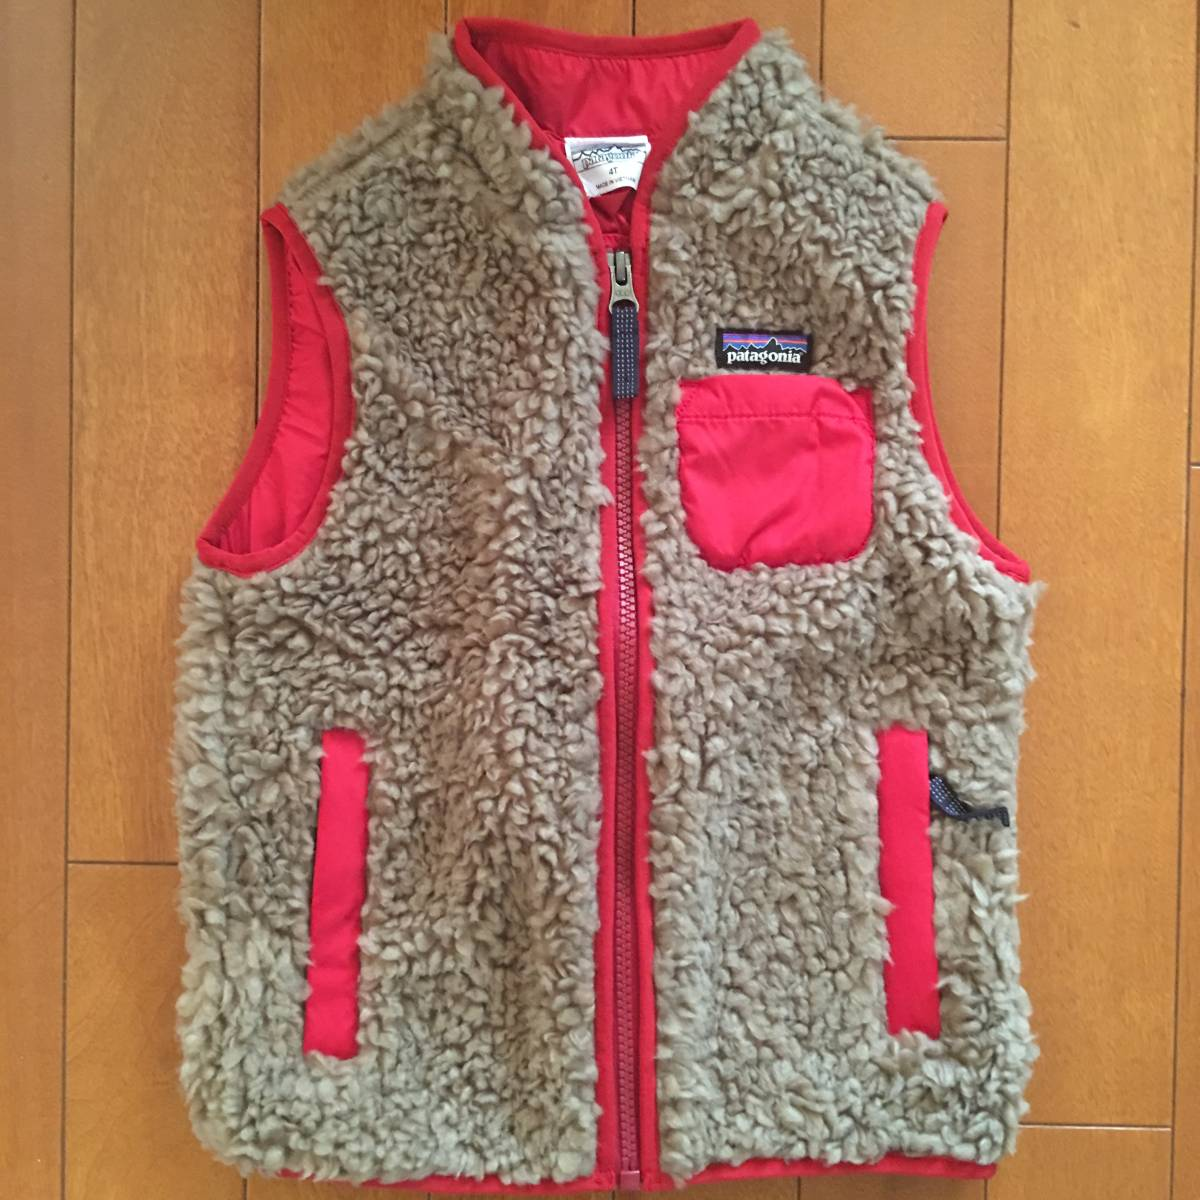 送料無料◆パタゴニア◆新品・超かわいい◆ベビー・レトロX・ベスト / Baby Retro-X Vest / 4T フリース フワフワ もこもこ